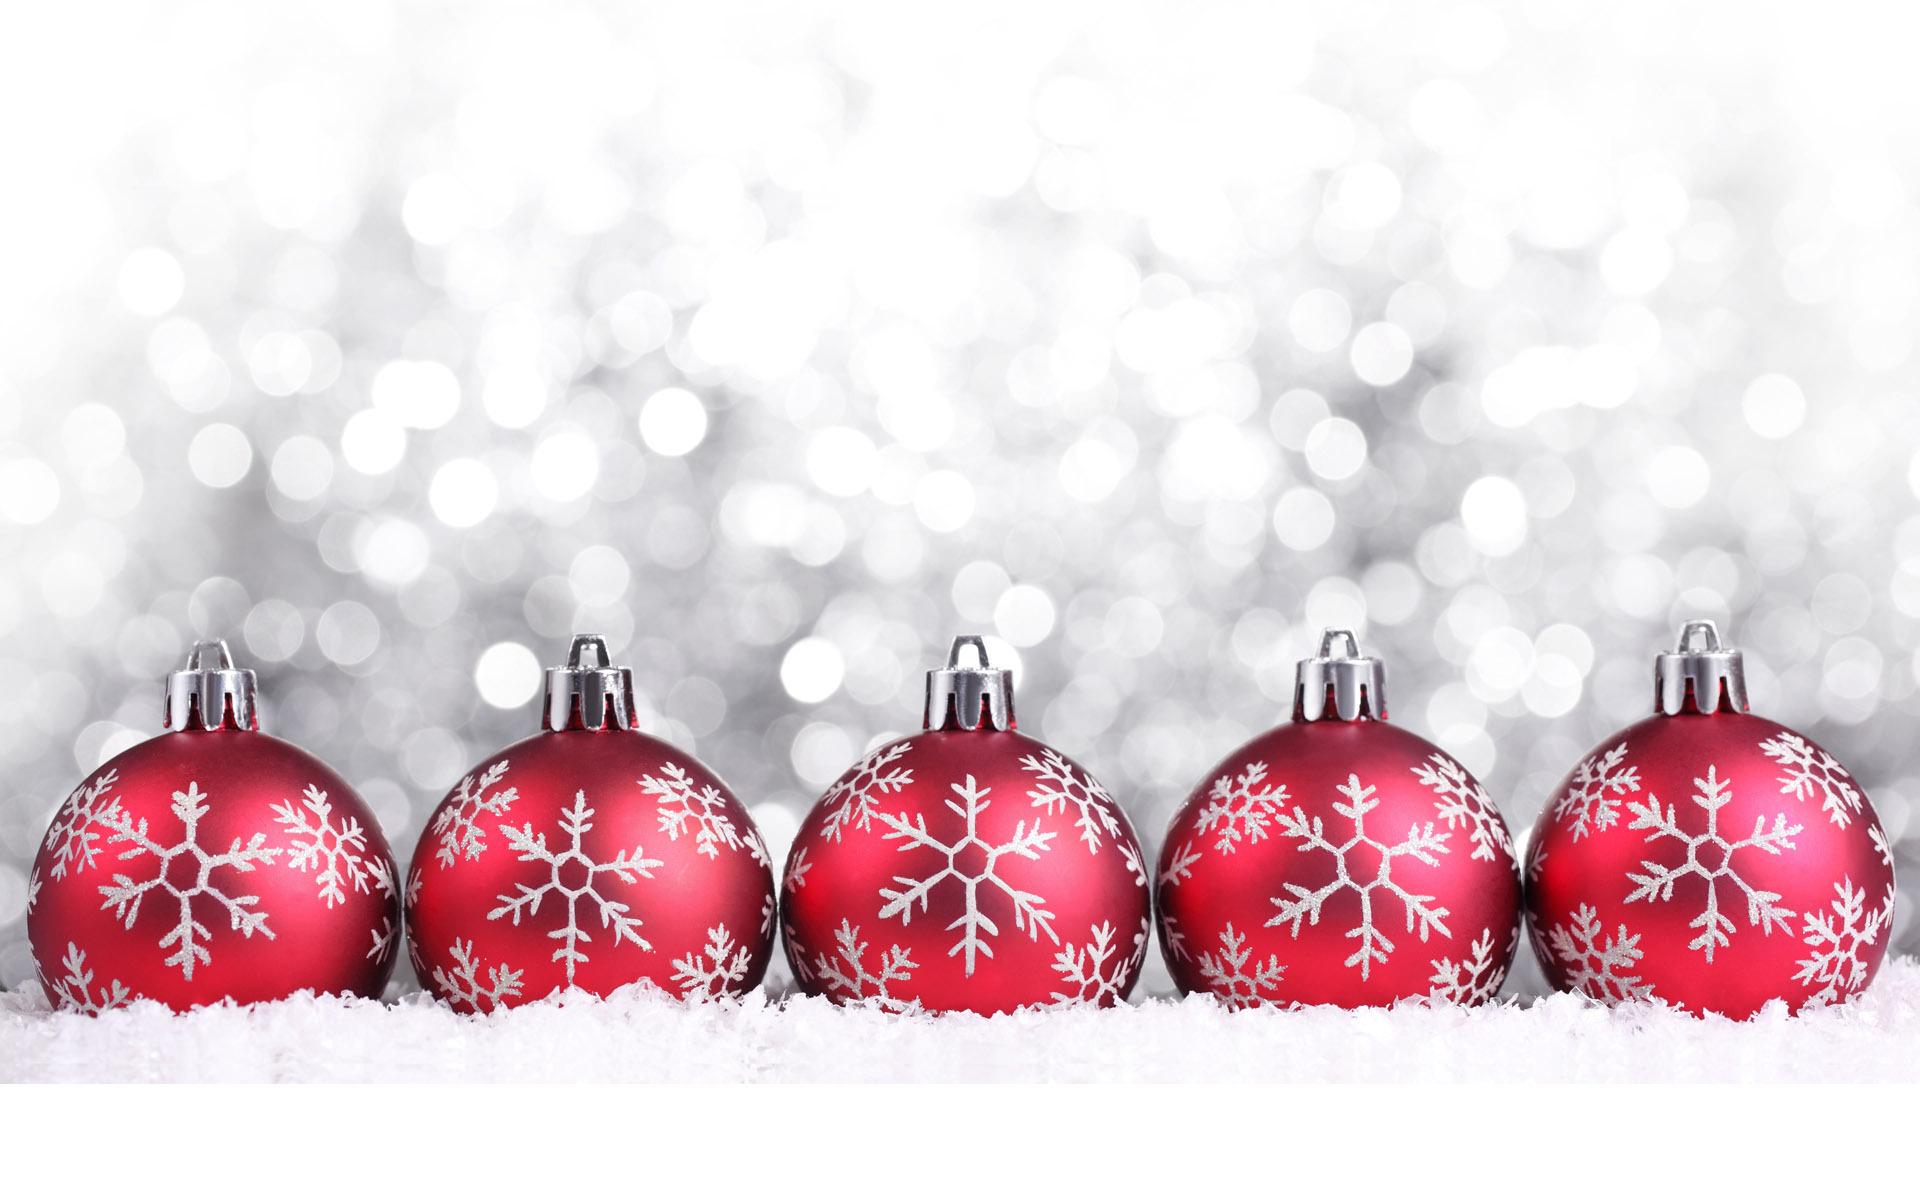 red balls christmas image